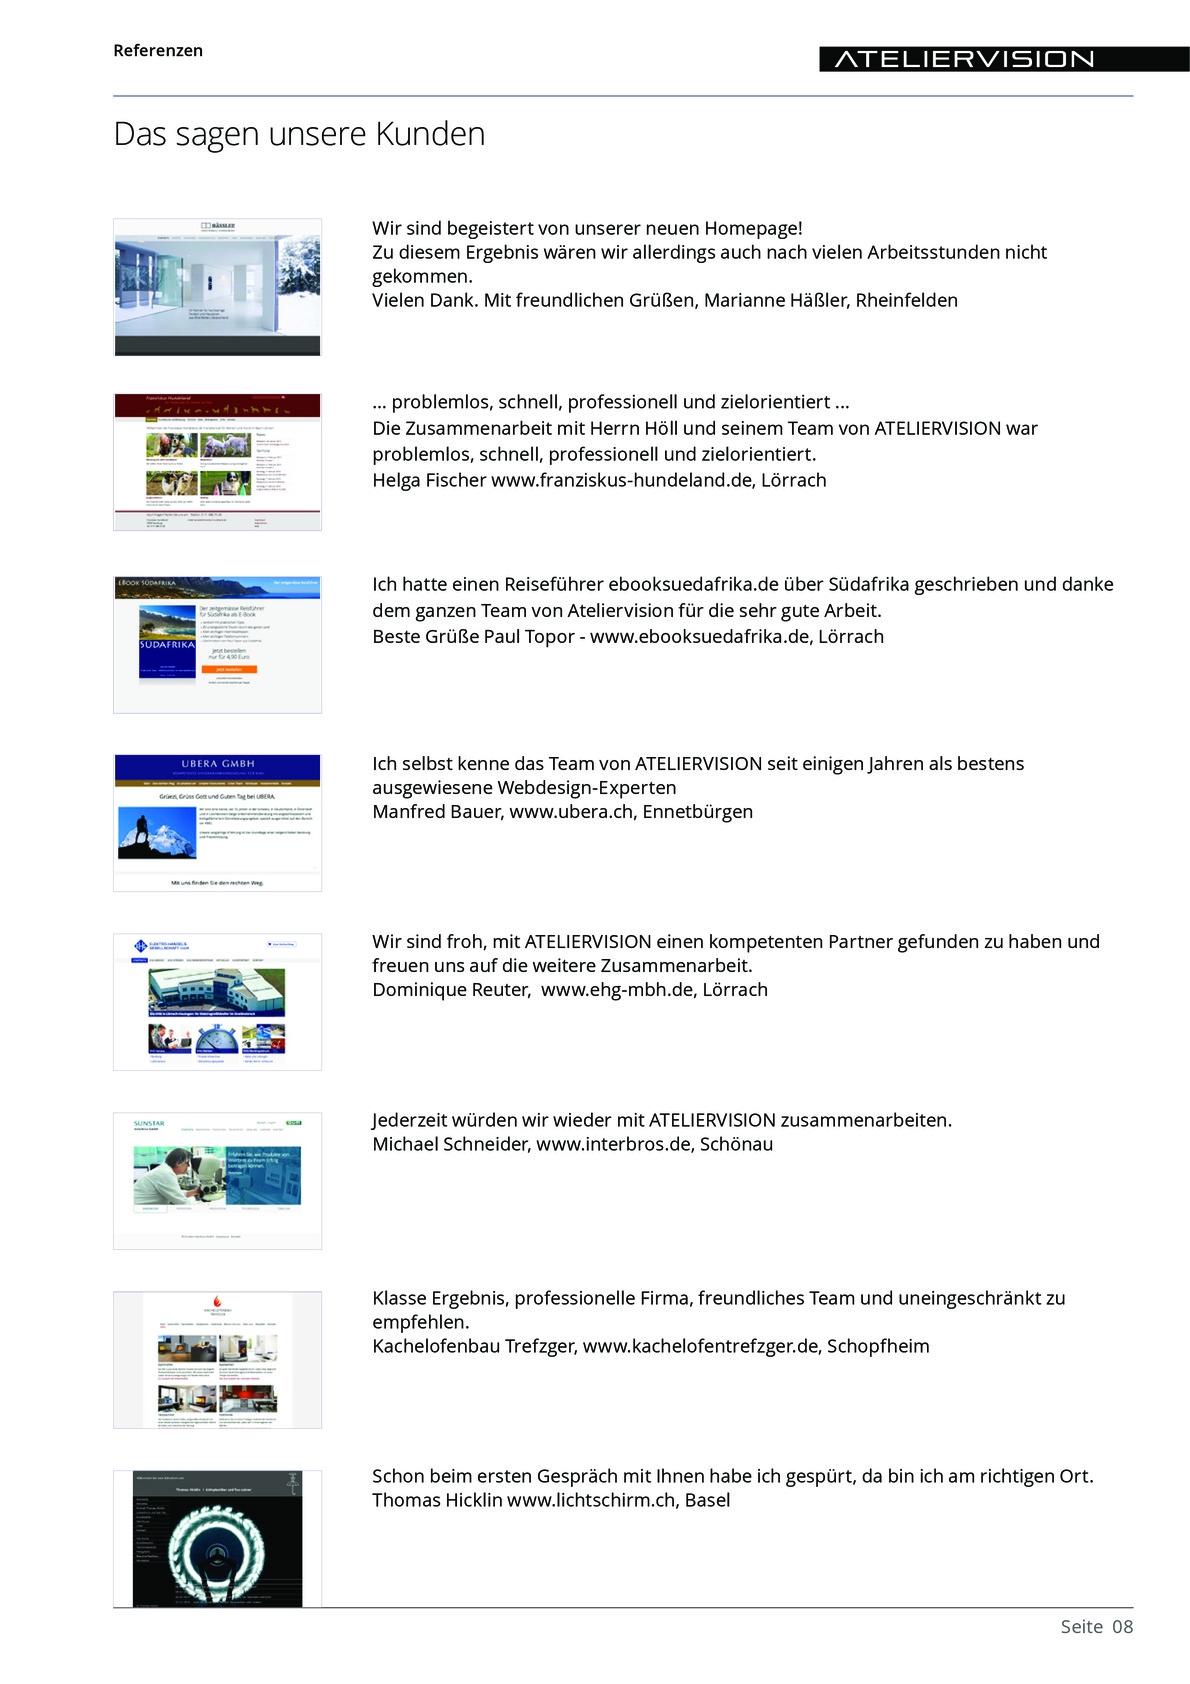 ATELIERVISION Referenzen aus PDF Datei Overview 8